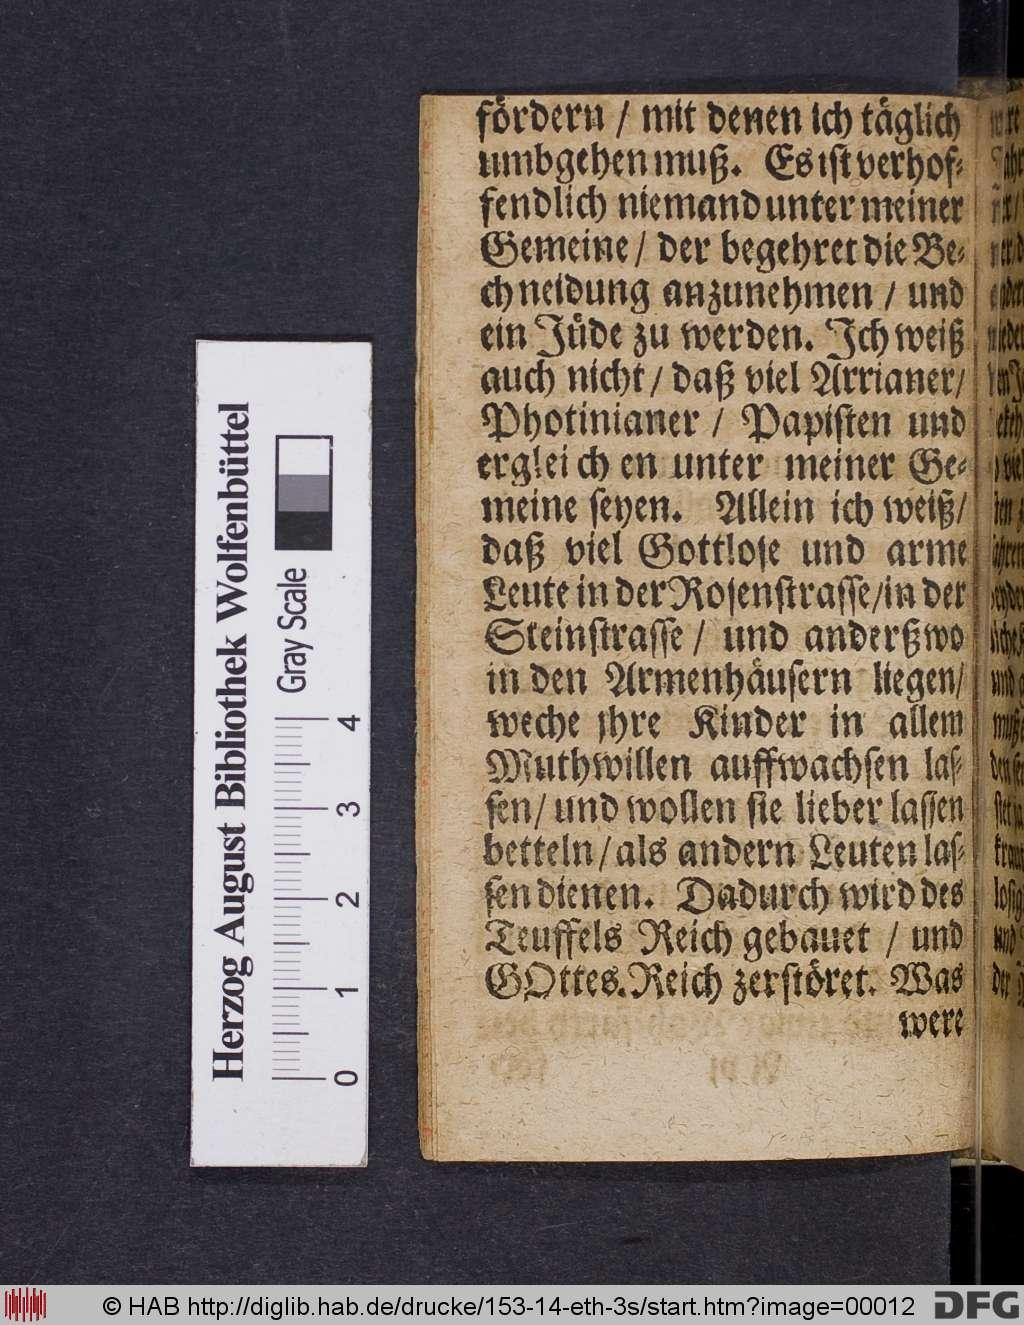 http://diglib.hab.de/drucke/153-14-eth-3s/00012.jpg